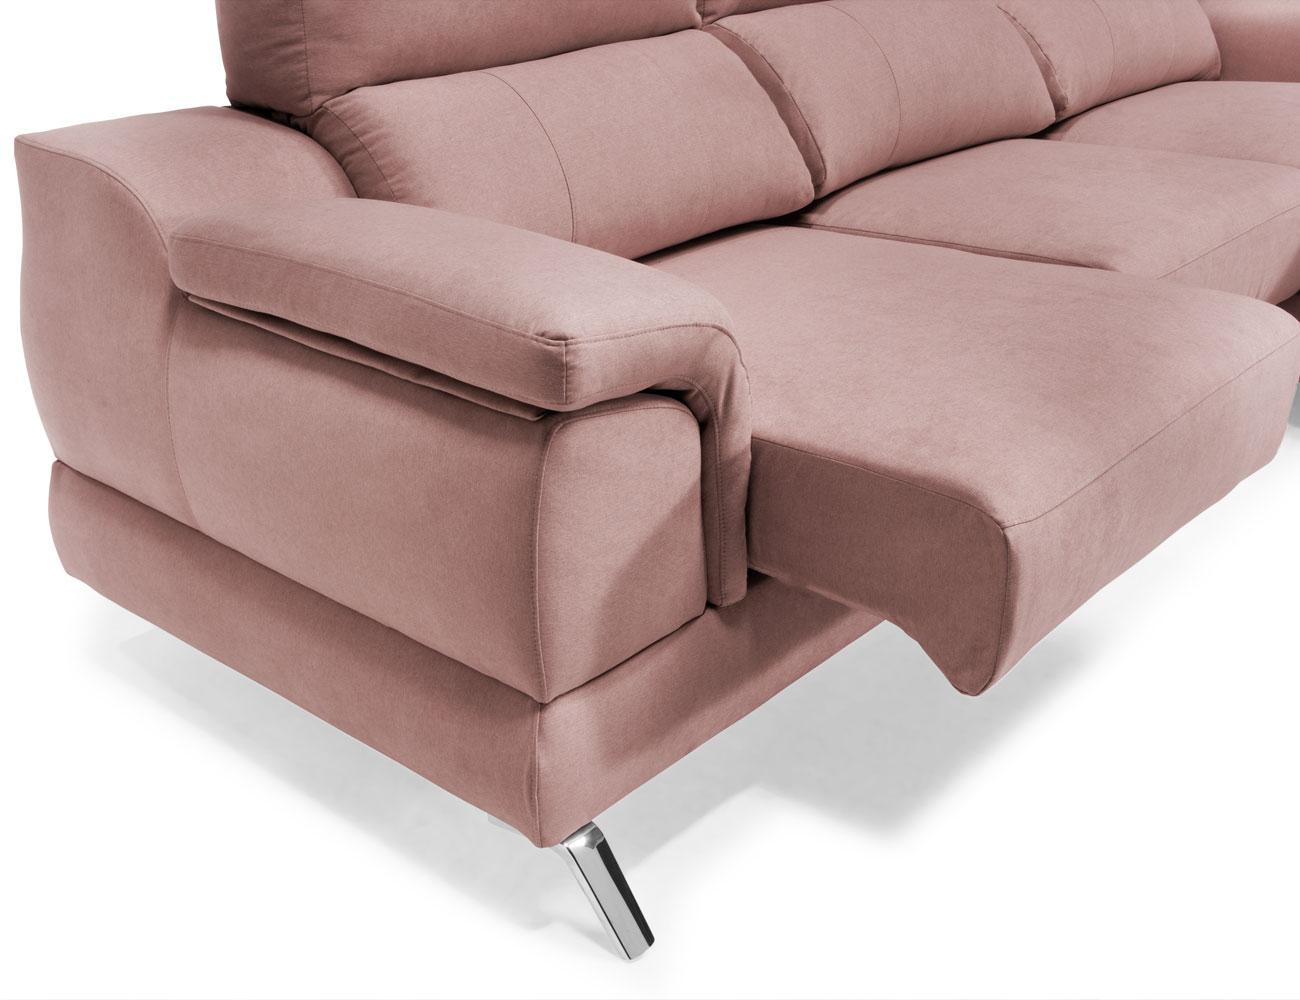 Sofa chaiselongue baku detalle